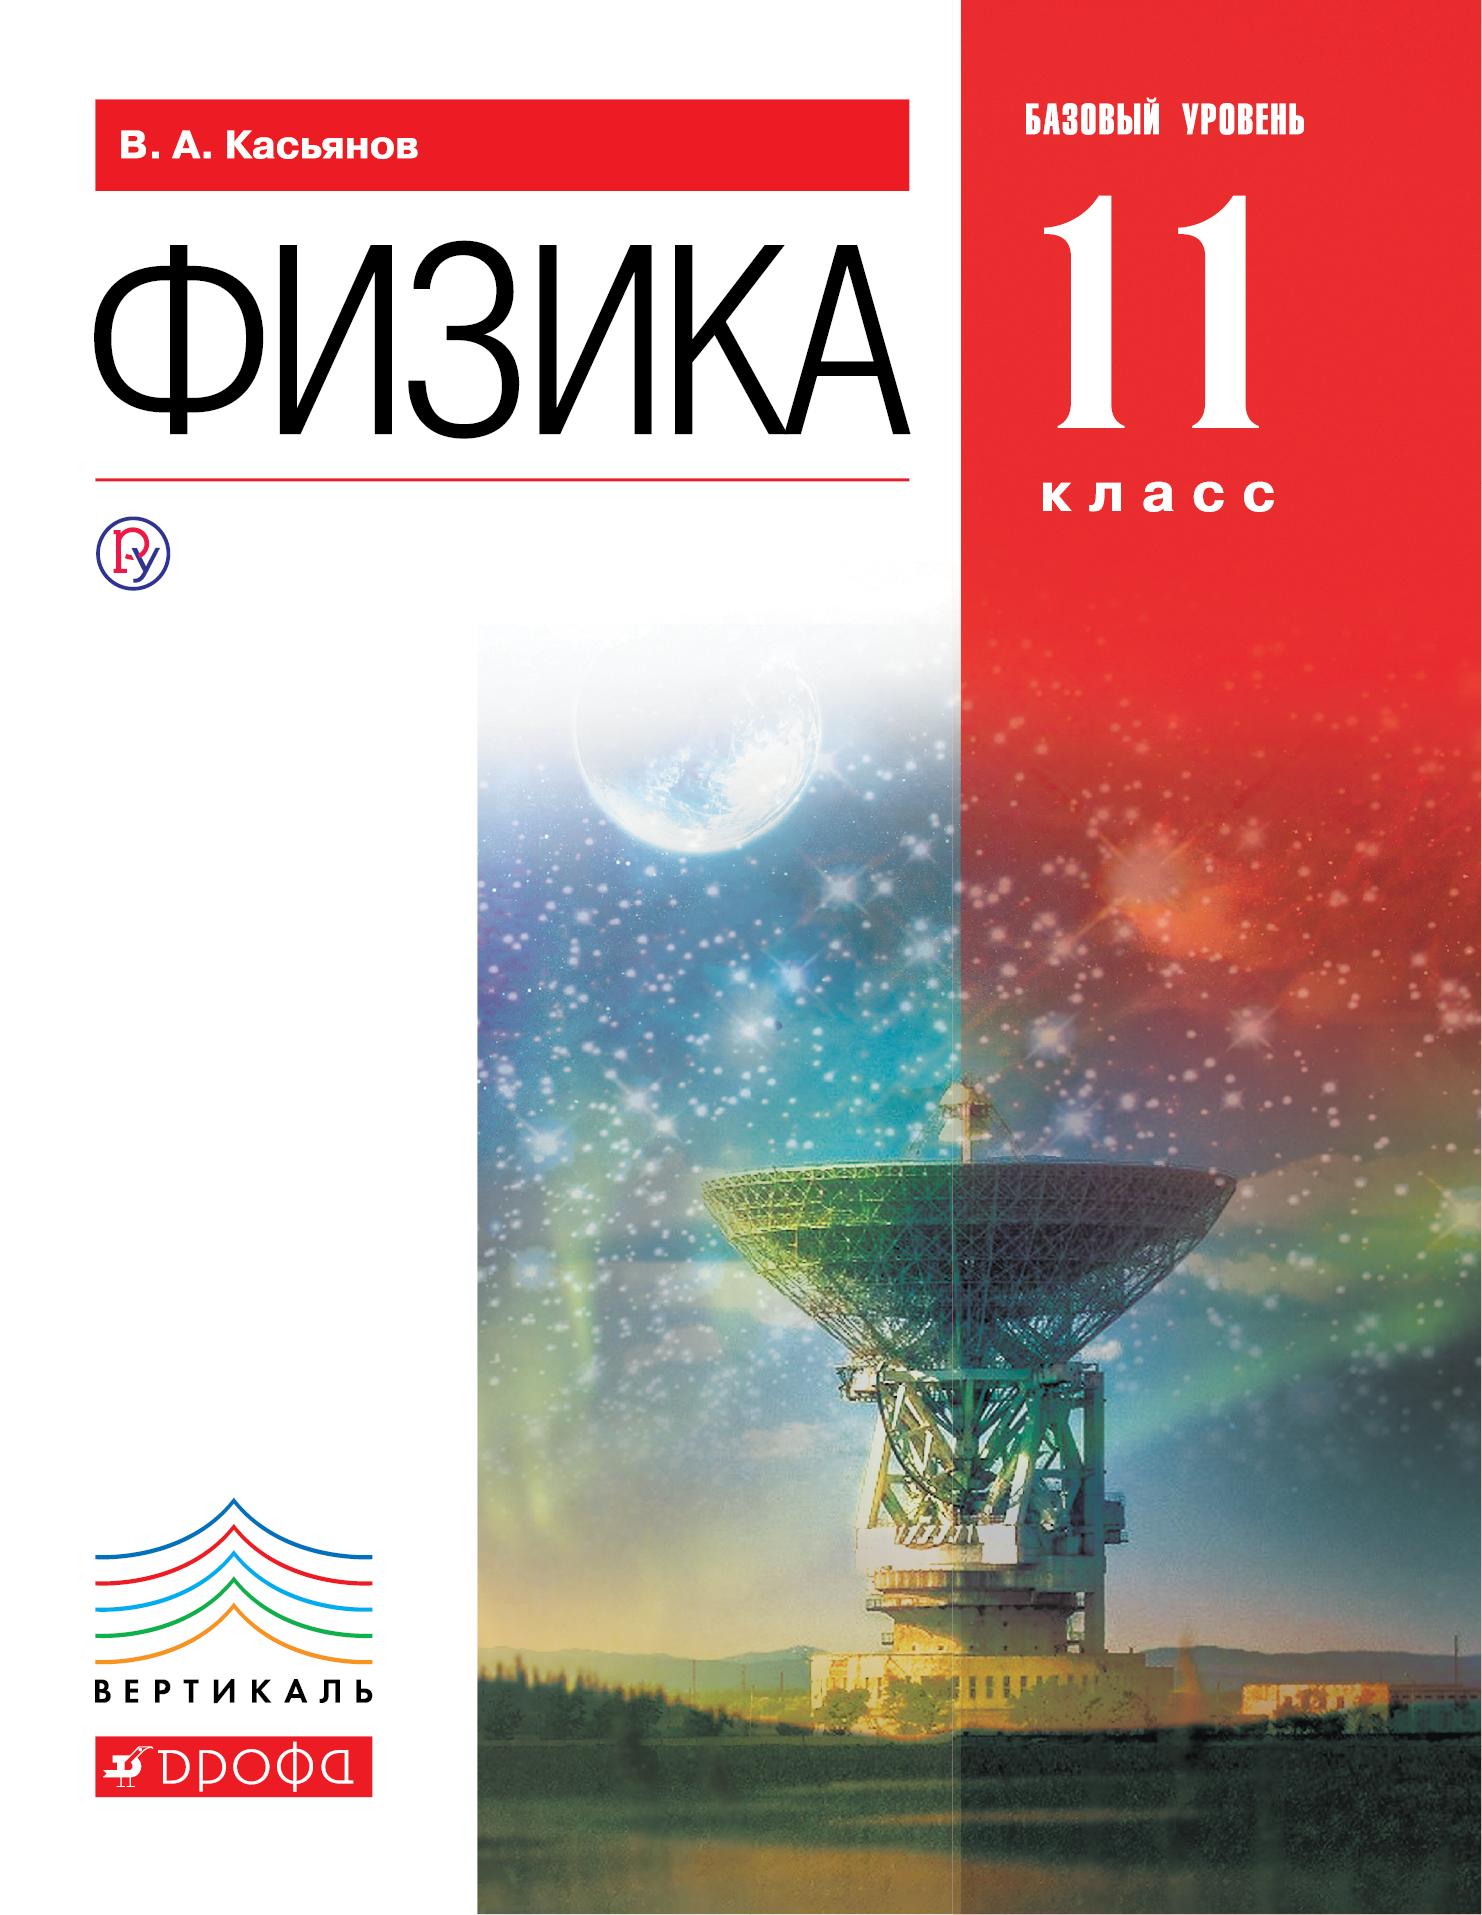 Касьянов В.А. Физика. Базовый уровень.11 класс. Учебник. учебники дрофа физика 11кл учебник базовый уровень